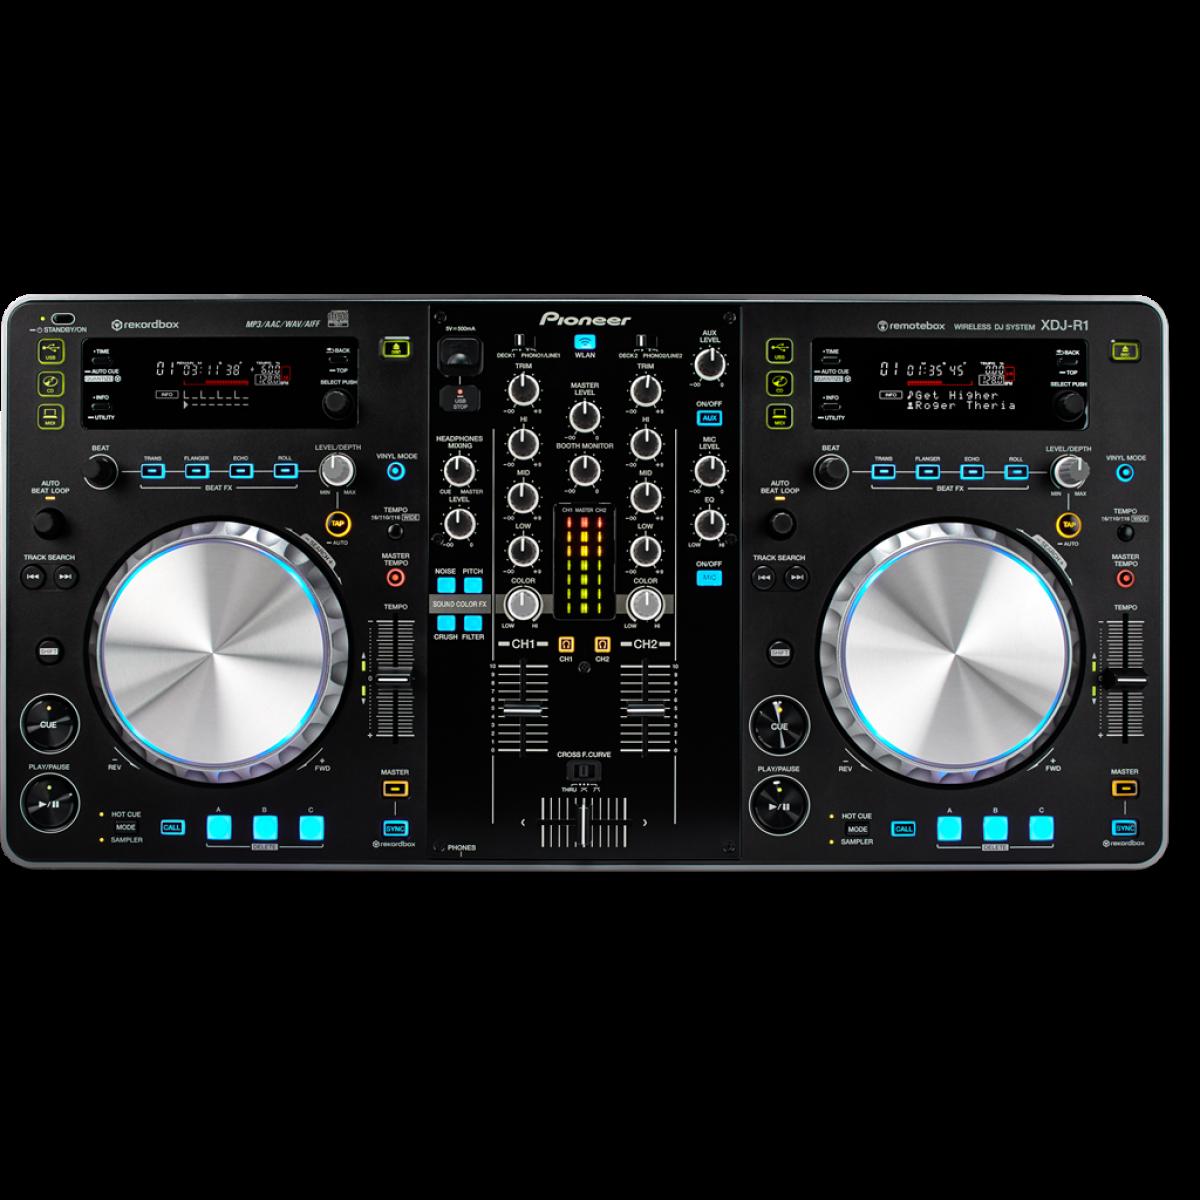 Pioneer XDJ-R1 DJ Controller with rekordbox - DJ Controller - DJ